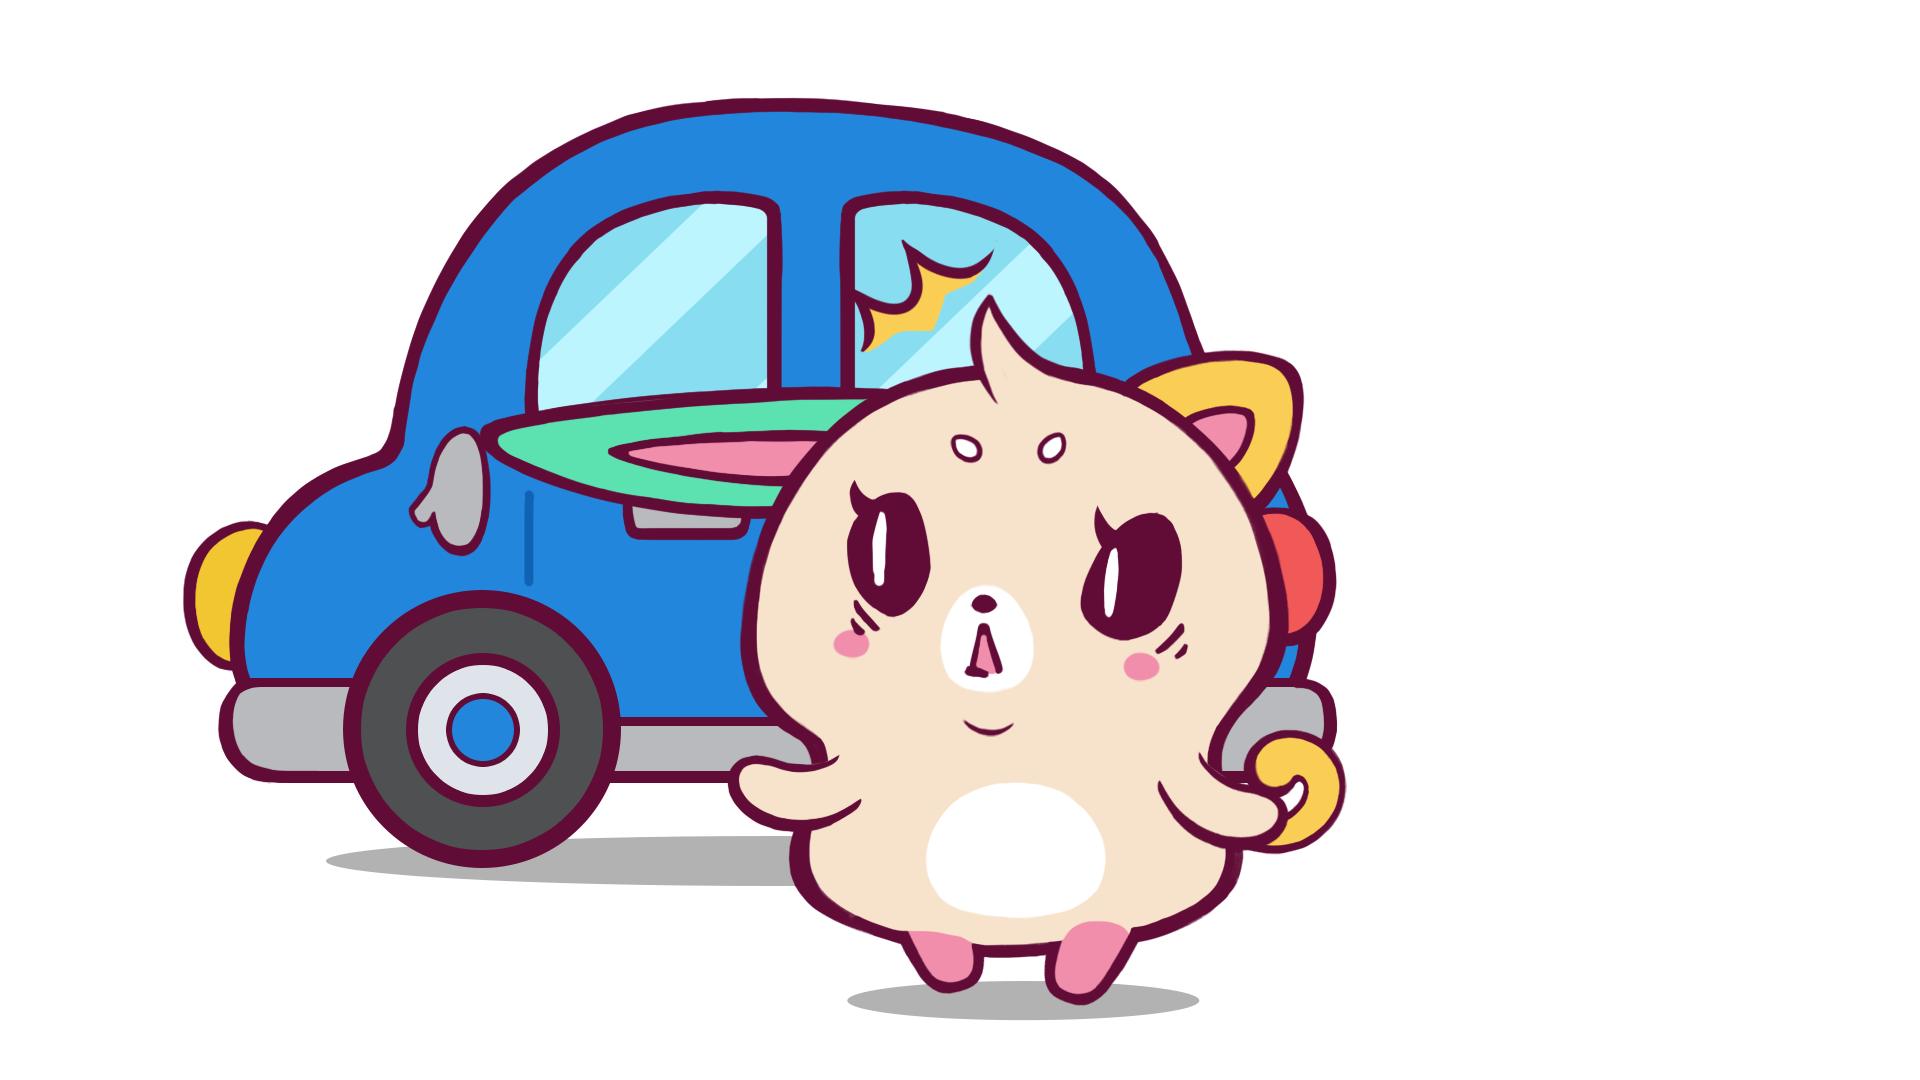 【欲望の塊ミエコ】え?耳が車に挟まって・・・!